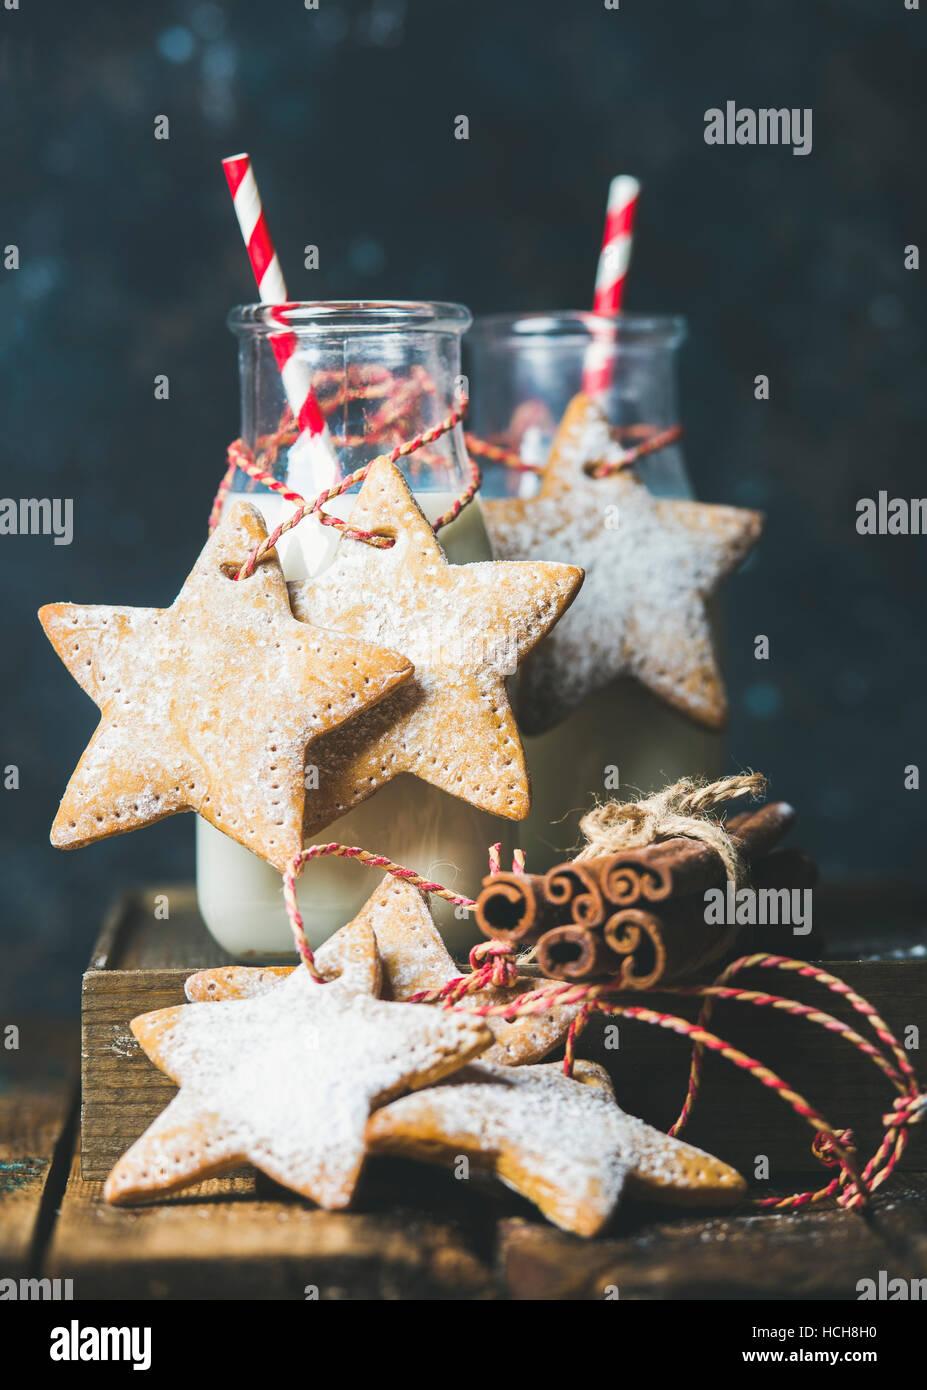 Flasche mit Milch für den Weihnachtsmann, Weihnachten festlich Lebkuchen sternförmige Cookies mit Dekoration Stockbild